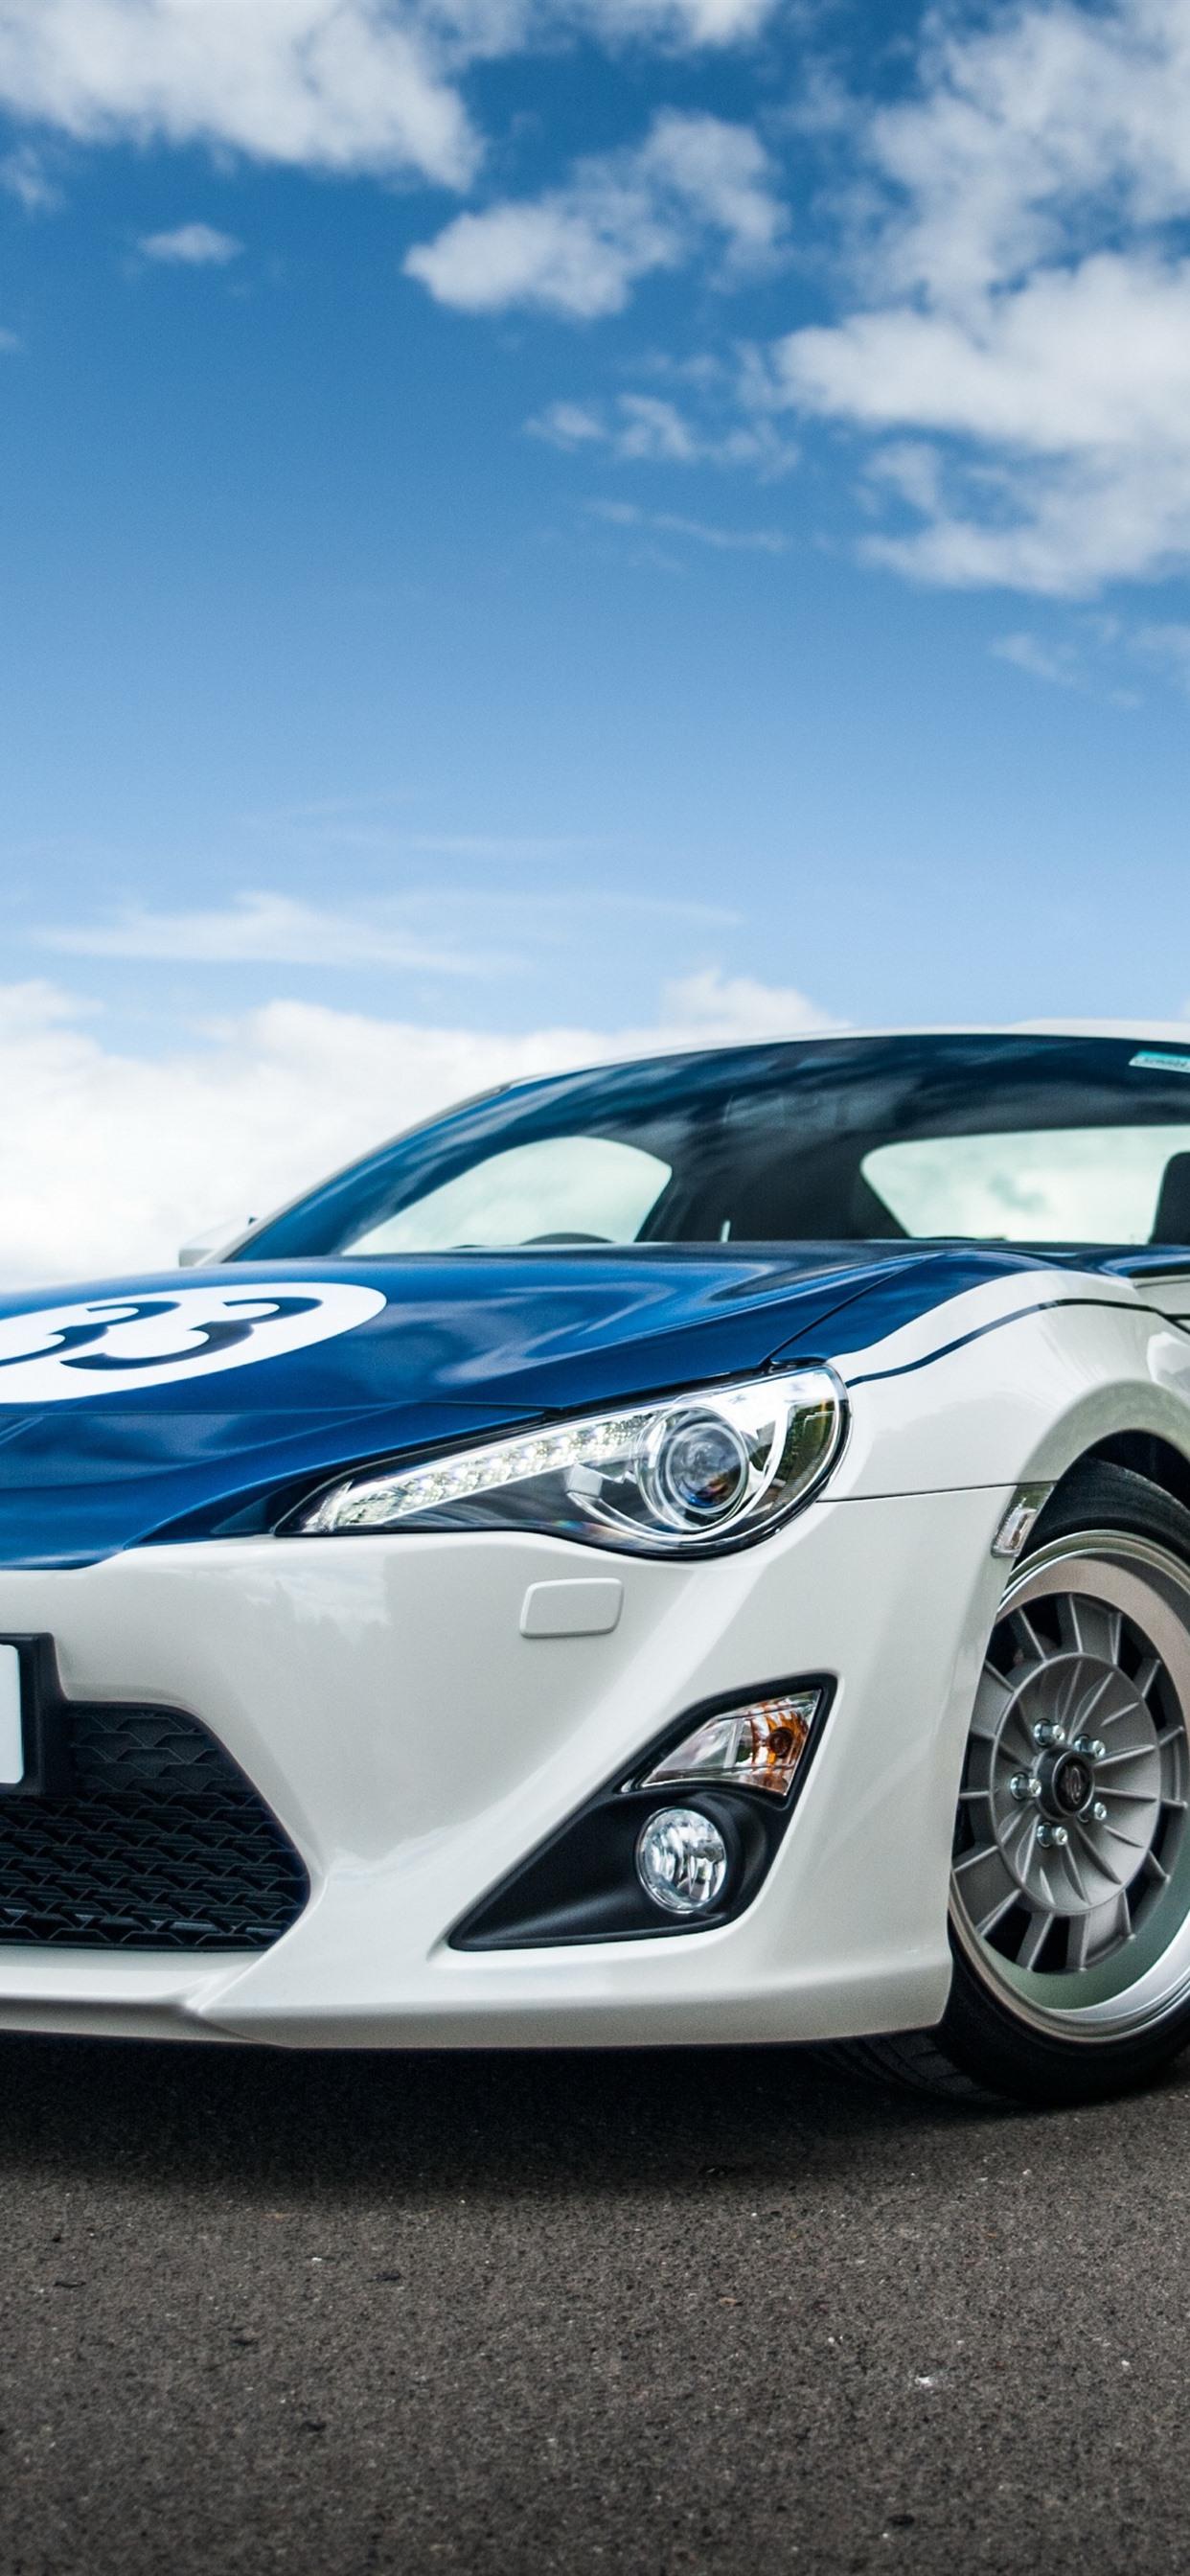 トヨタgt86スポーツカー正面図 1242x26 Iphone 11 Pro Xs Max 壁紙 背景 画像